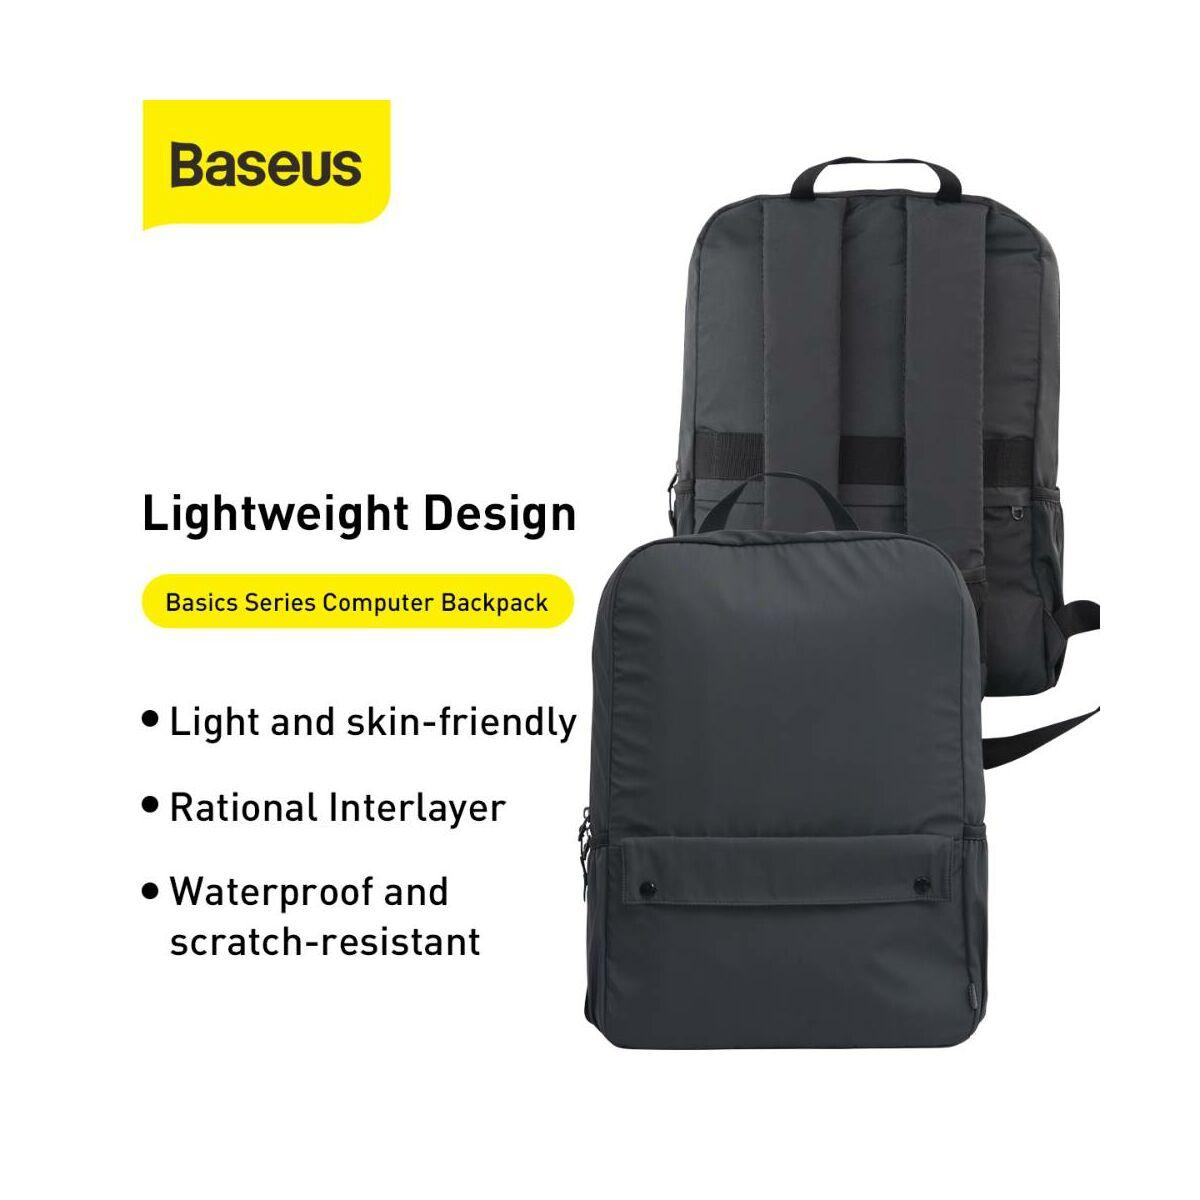 Baseus kézi táska, Basic Series, Laptop tartó hátizsák, (16 inch, 300 x 416 x 110 mm) szürke (LBJN-F0G)